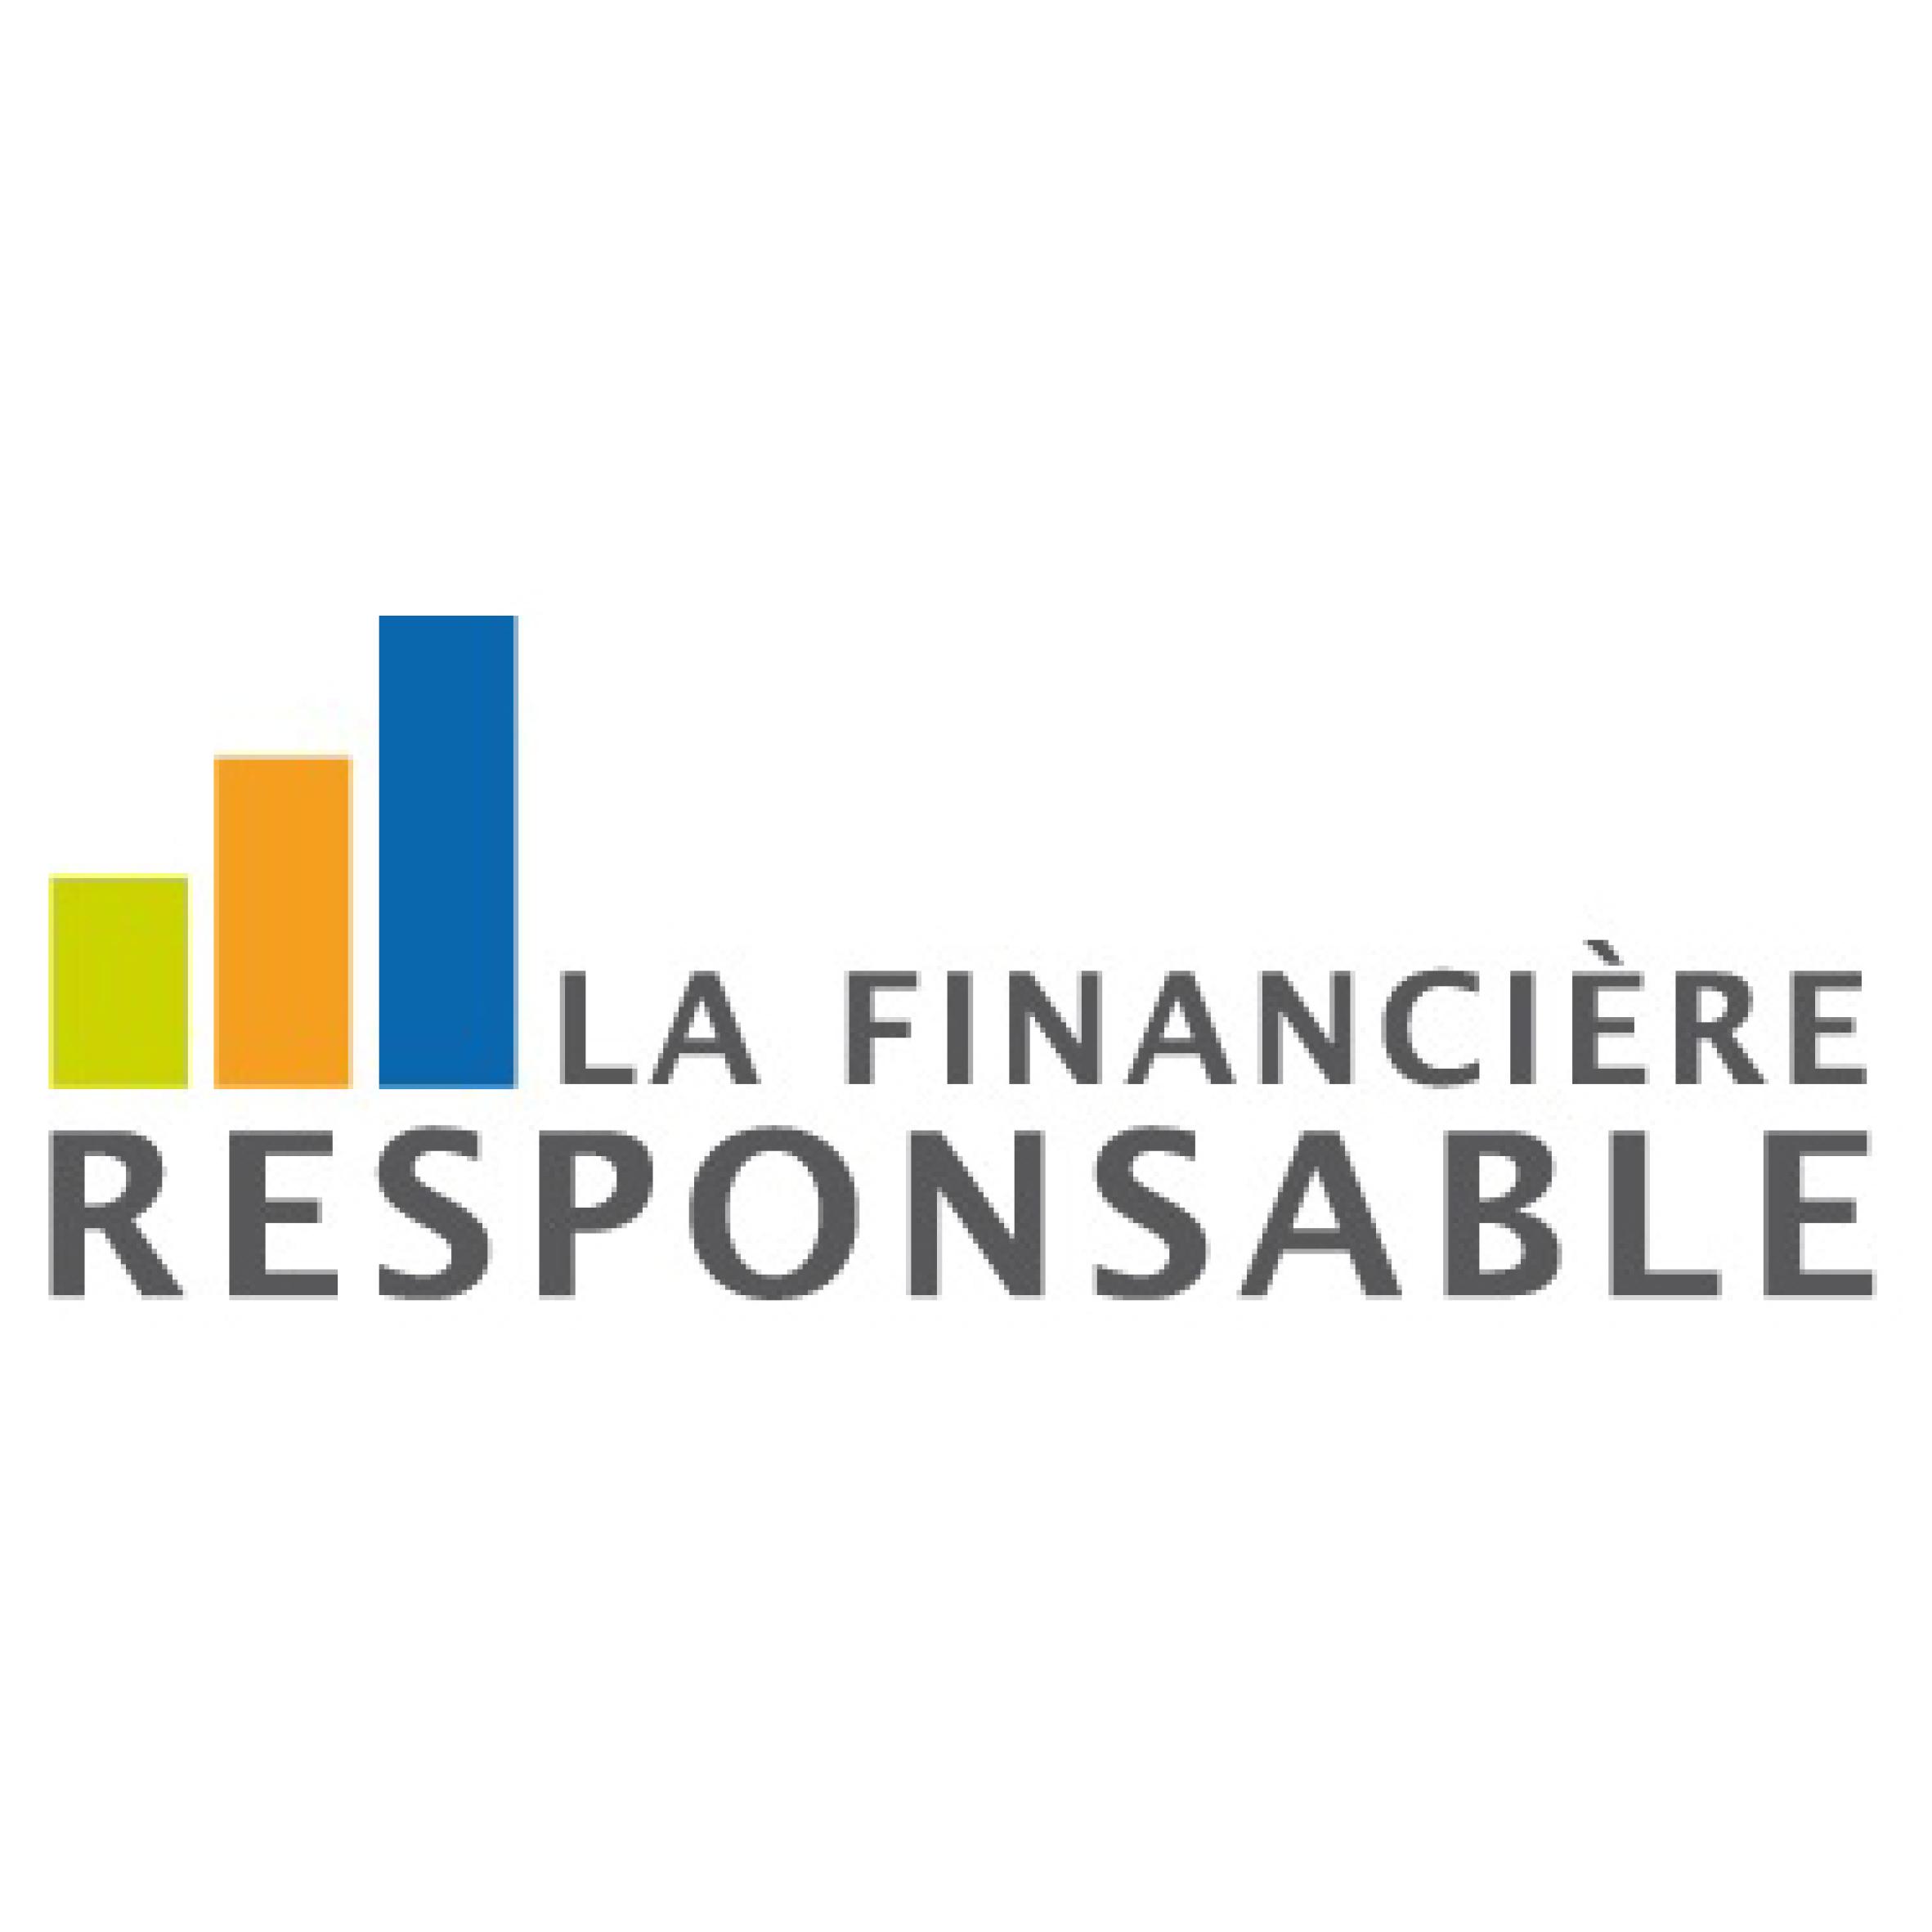 LFR et les normes ESG ou extra-financières